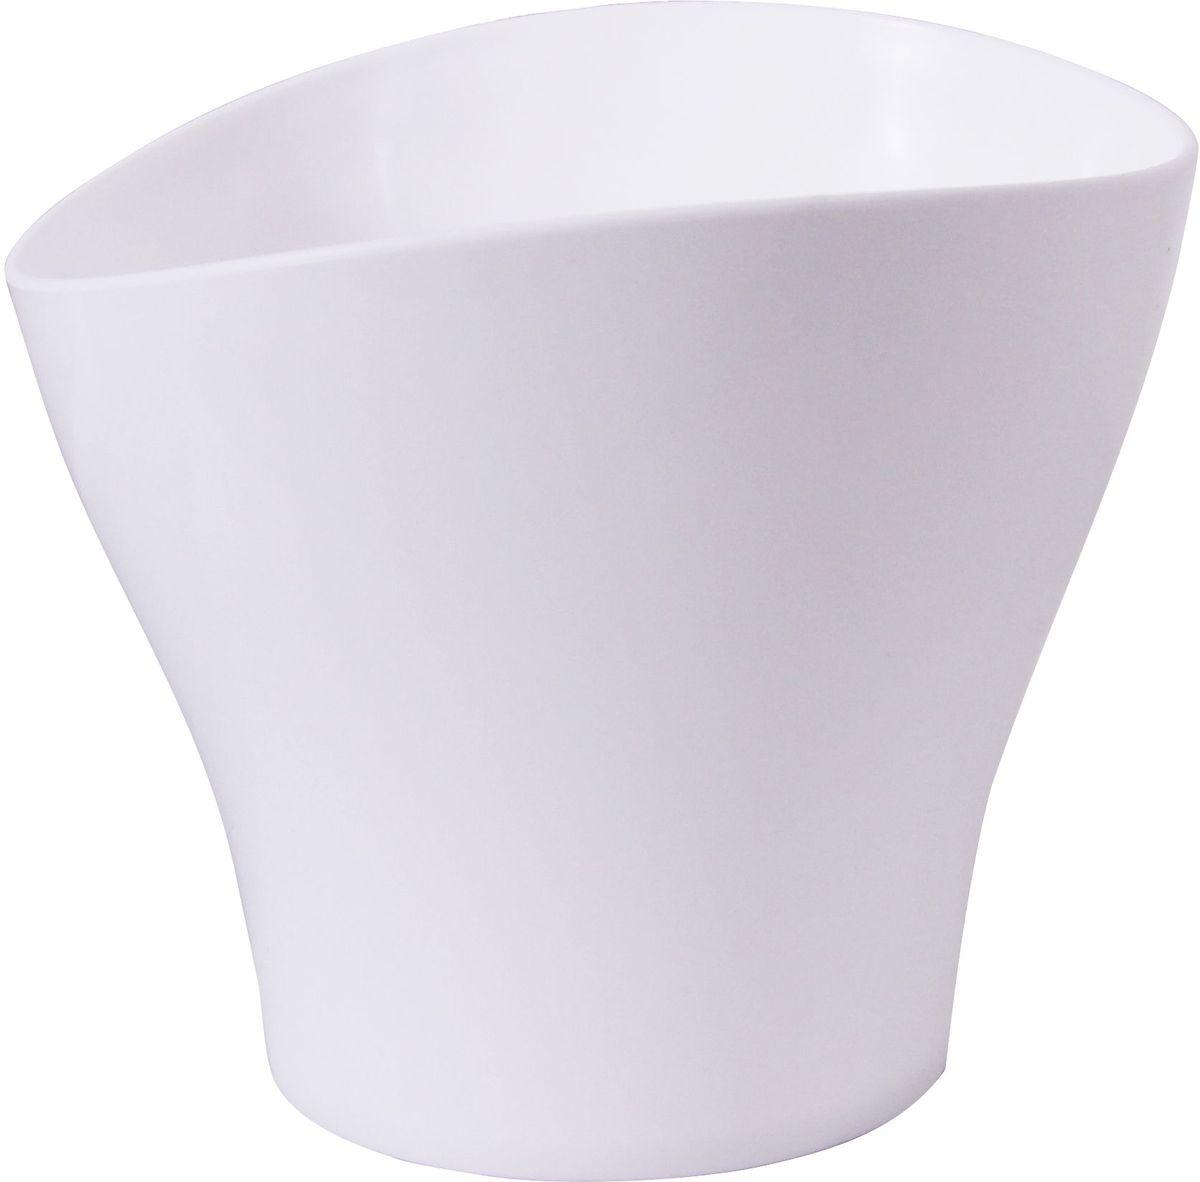 Кашпо Idea Волна, цвет: белый, 800 мл1004900000360Кашпо Idea Волна изготовлено из прочного полипропилена (пластика) и предназначено для выращивания растений, цветов и трав в домашних условиях. Такое кашпо порадует вас функциональностью, а благодаря лаконичному дизайну впишется в любой интерьер помещения. Объем кашпо: 0,8 л.